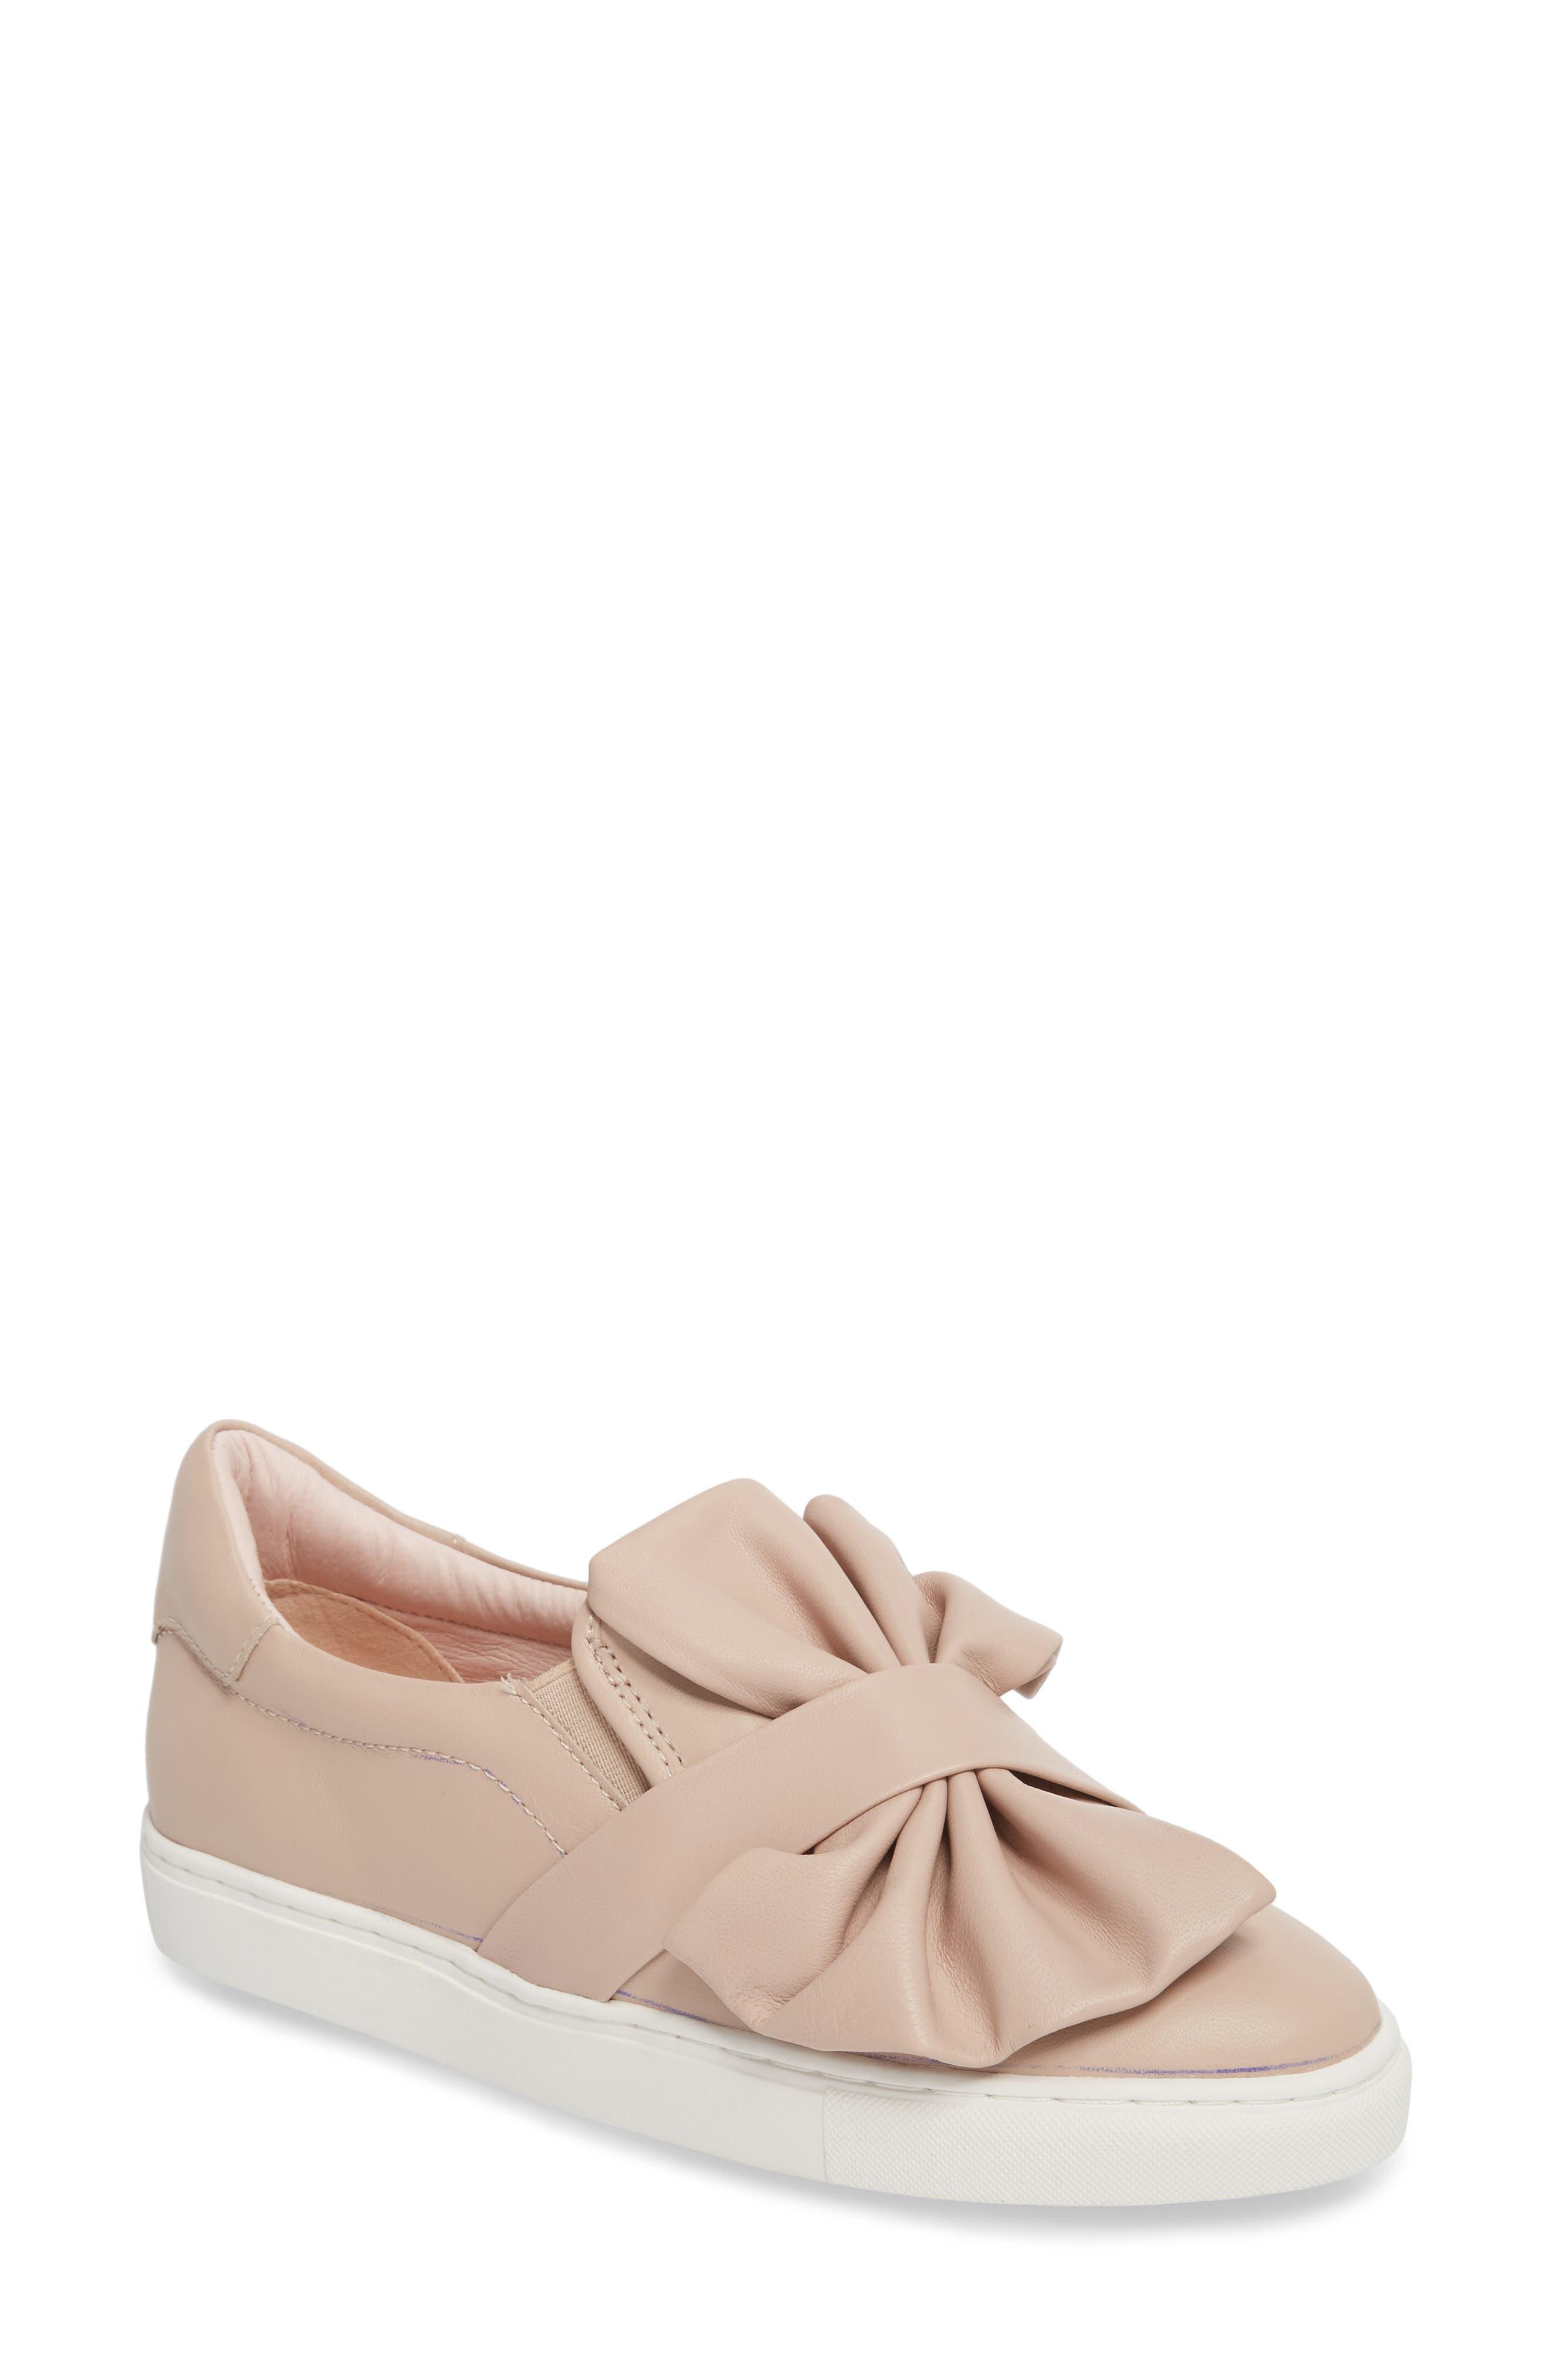 Alternate Image 1 Selected - Halogen® Mika Slip-On Sneaker (Women)